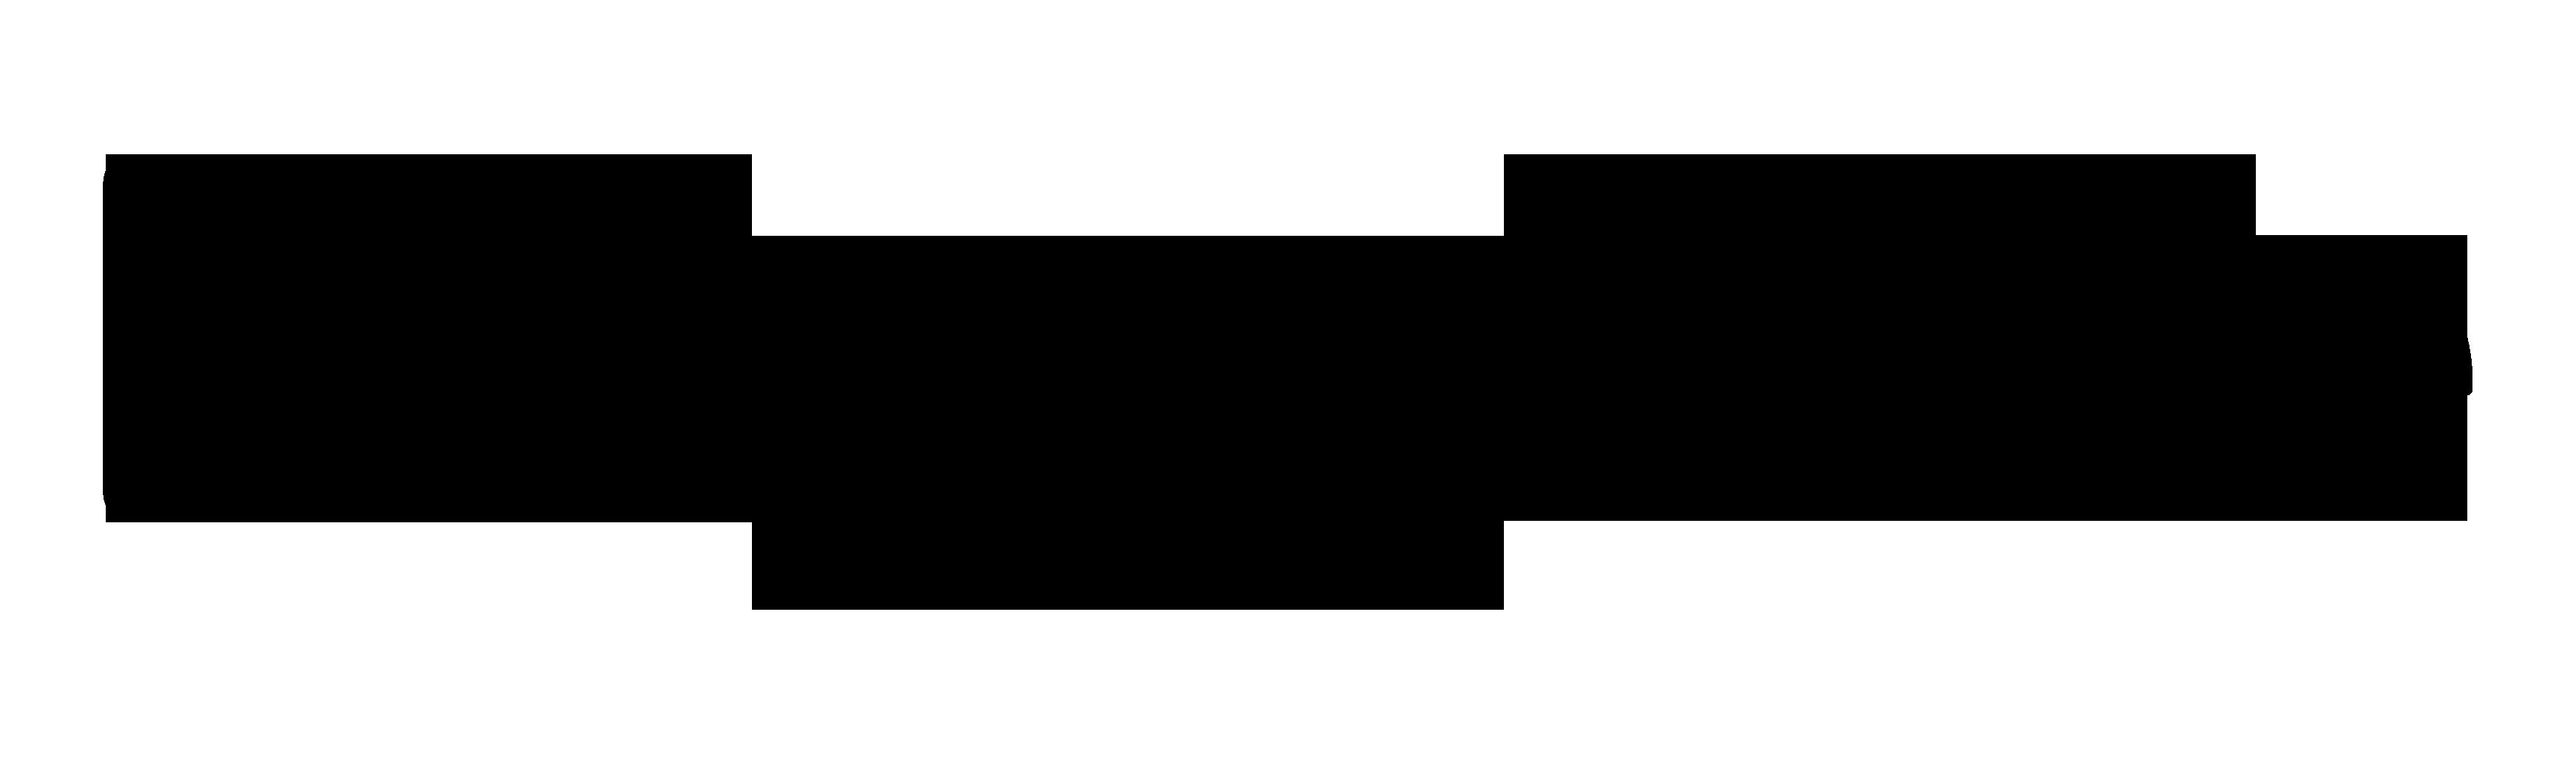 Dropsuite logo